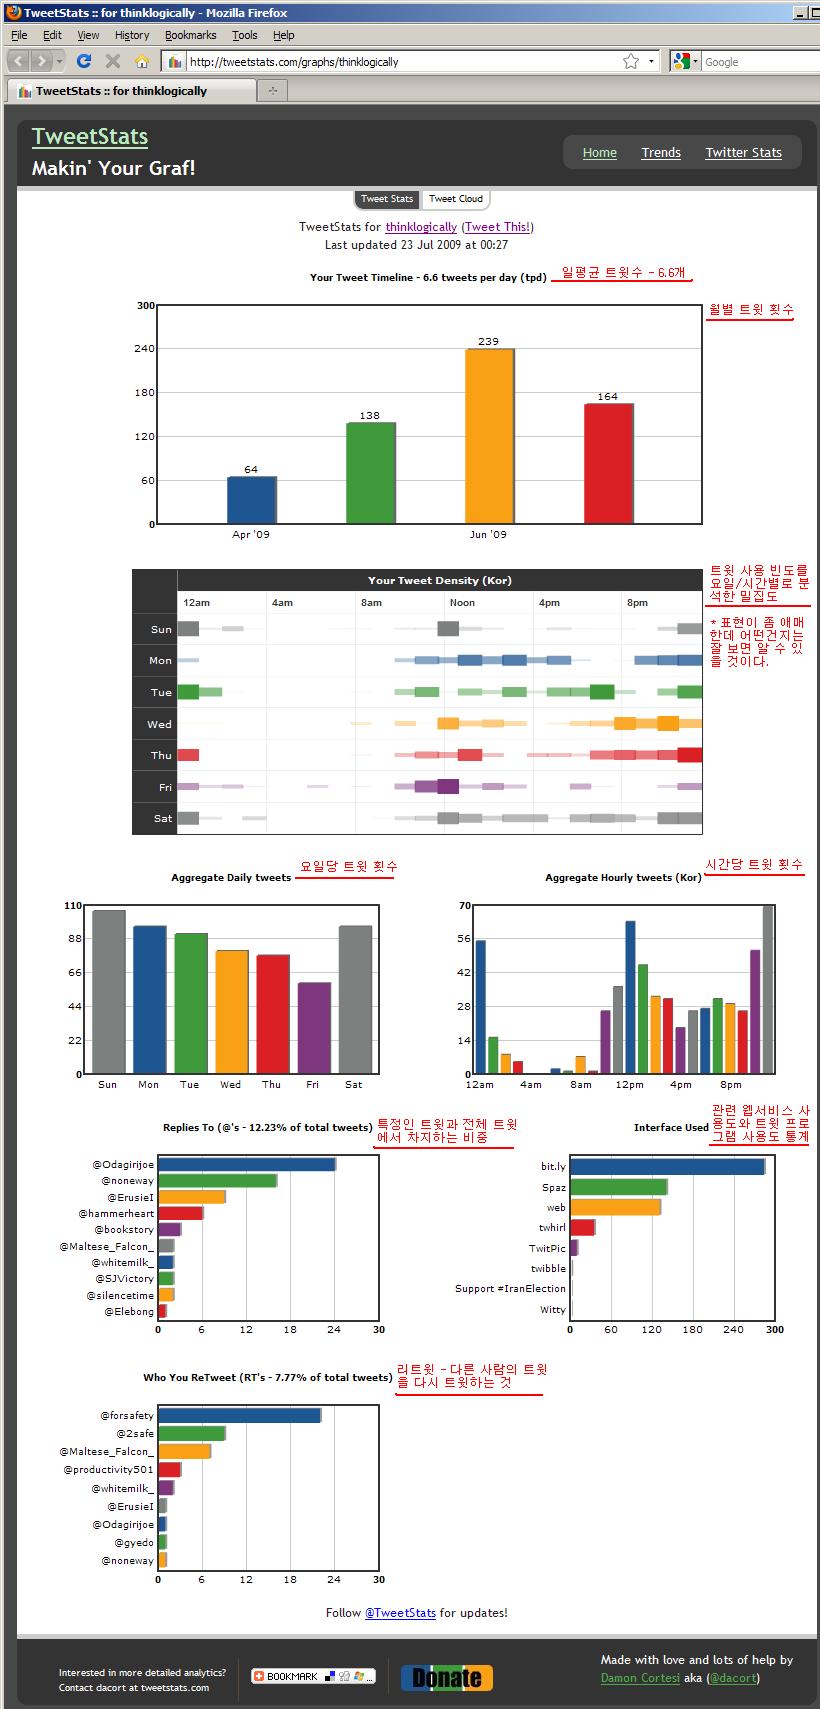 TweetStats의 트윗 통계 서비스 화면 http://tweetstats.com/graphs/thinklogically 에서 화면 캡처